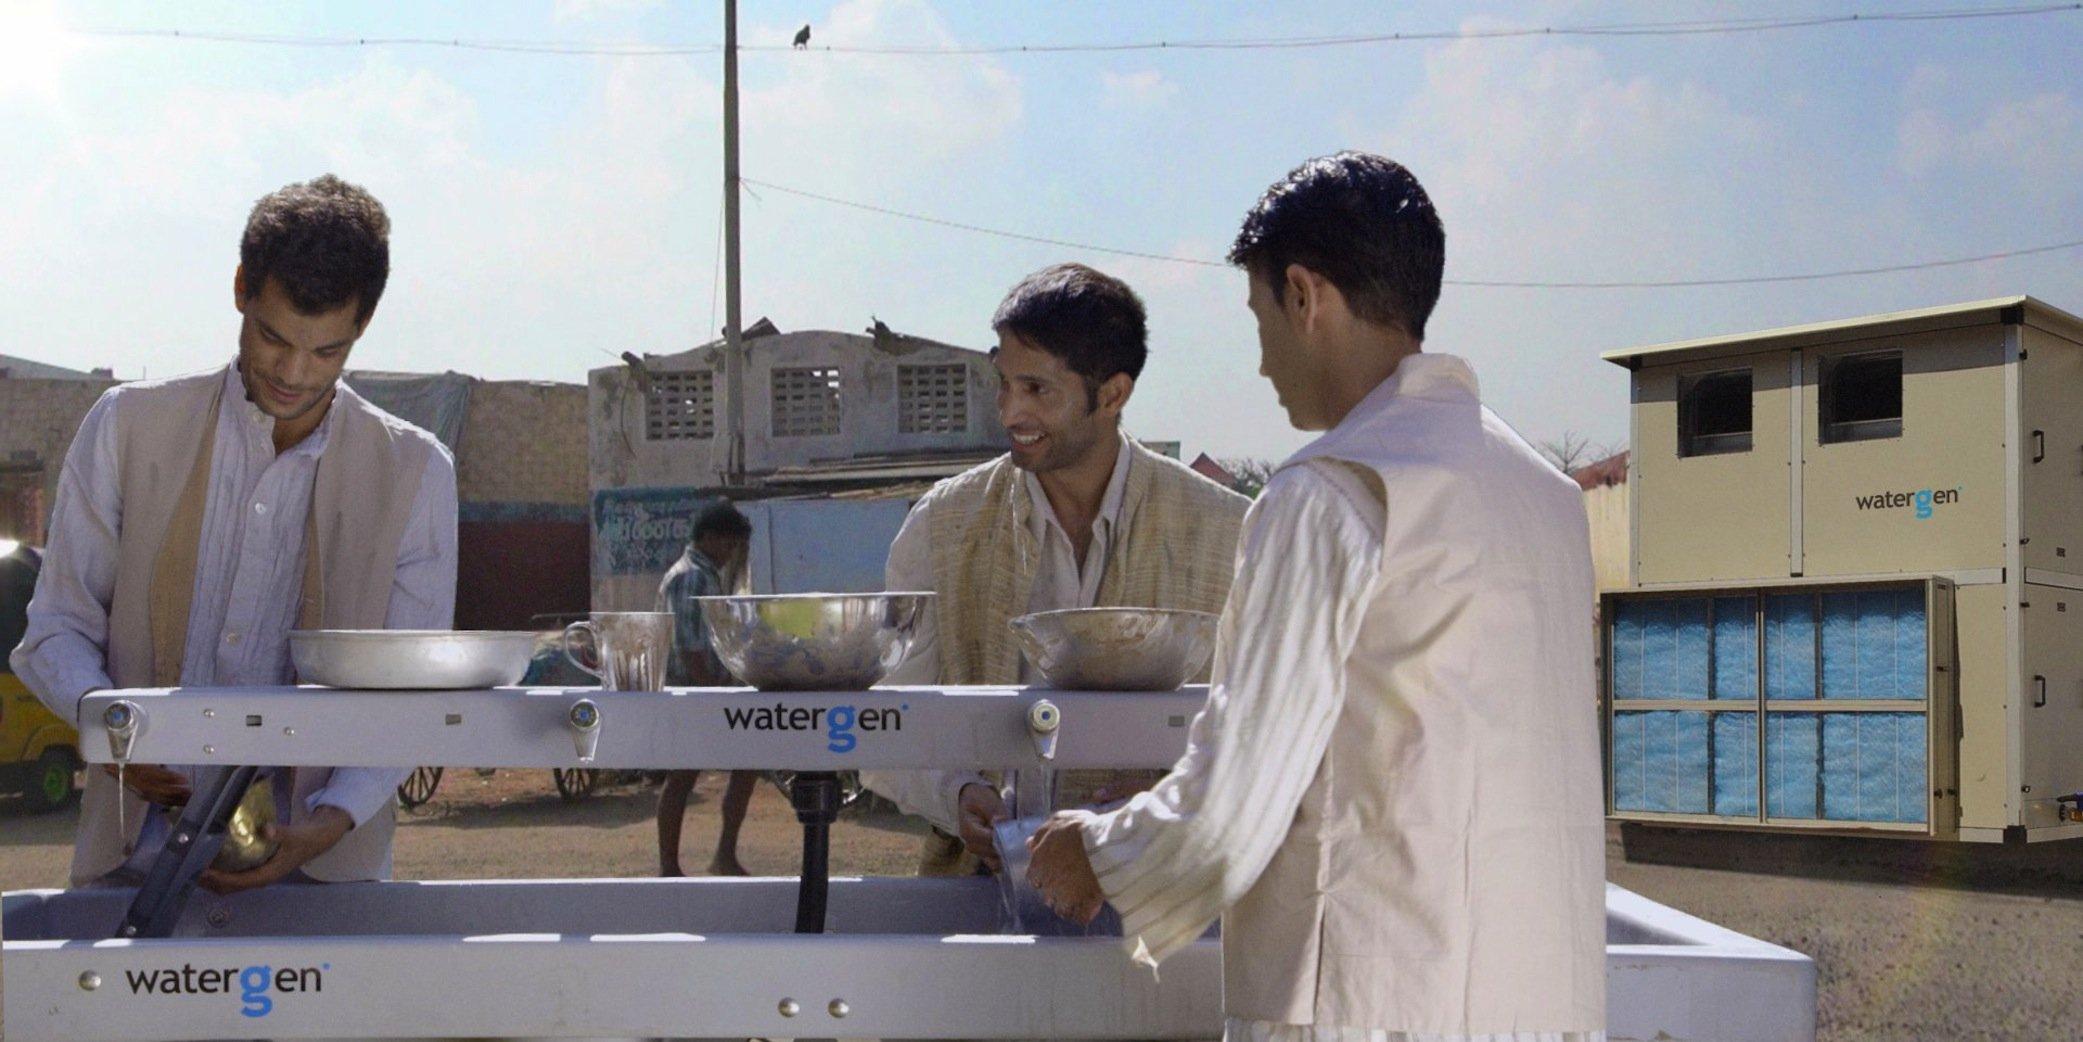 Knapp eine Milliarde Menschen haben keinen Zugang zu sauberem Trinkwasser. Ihnen wird Water-Gen helfen. Auf den Markt kommen soll die Trinkwassermaschine Ende 2016.